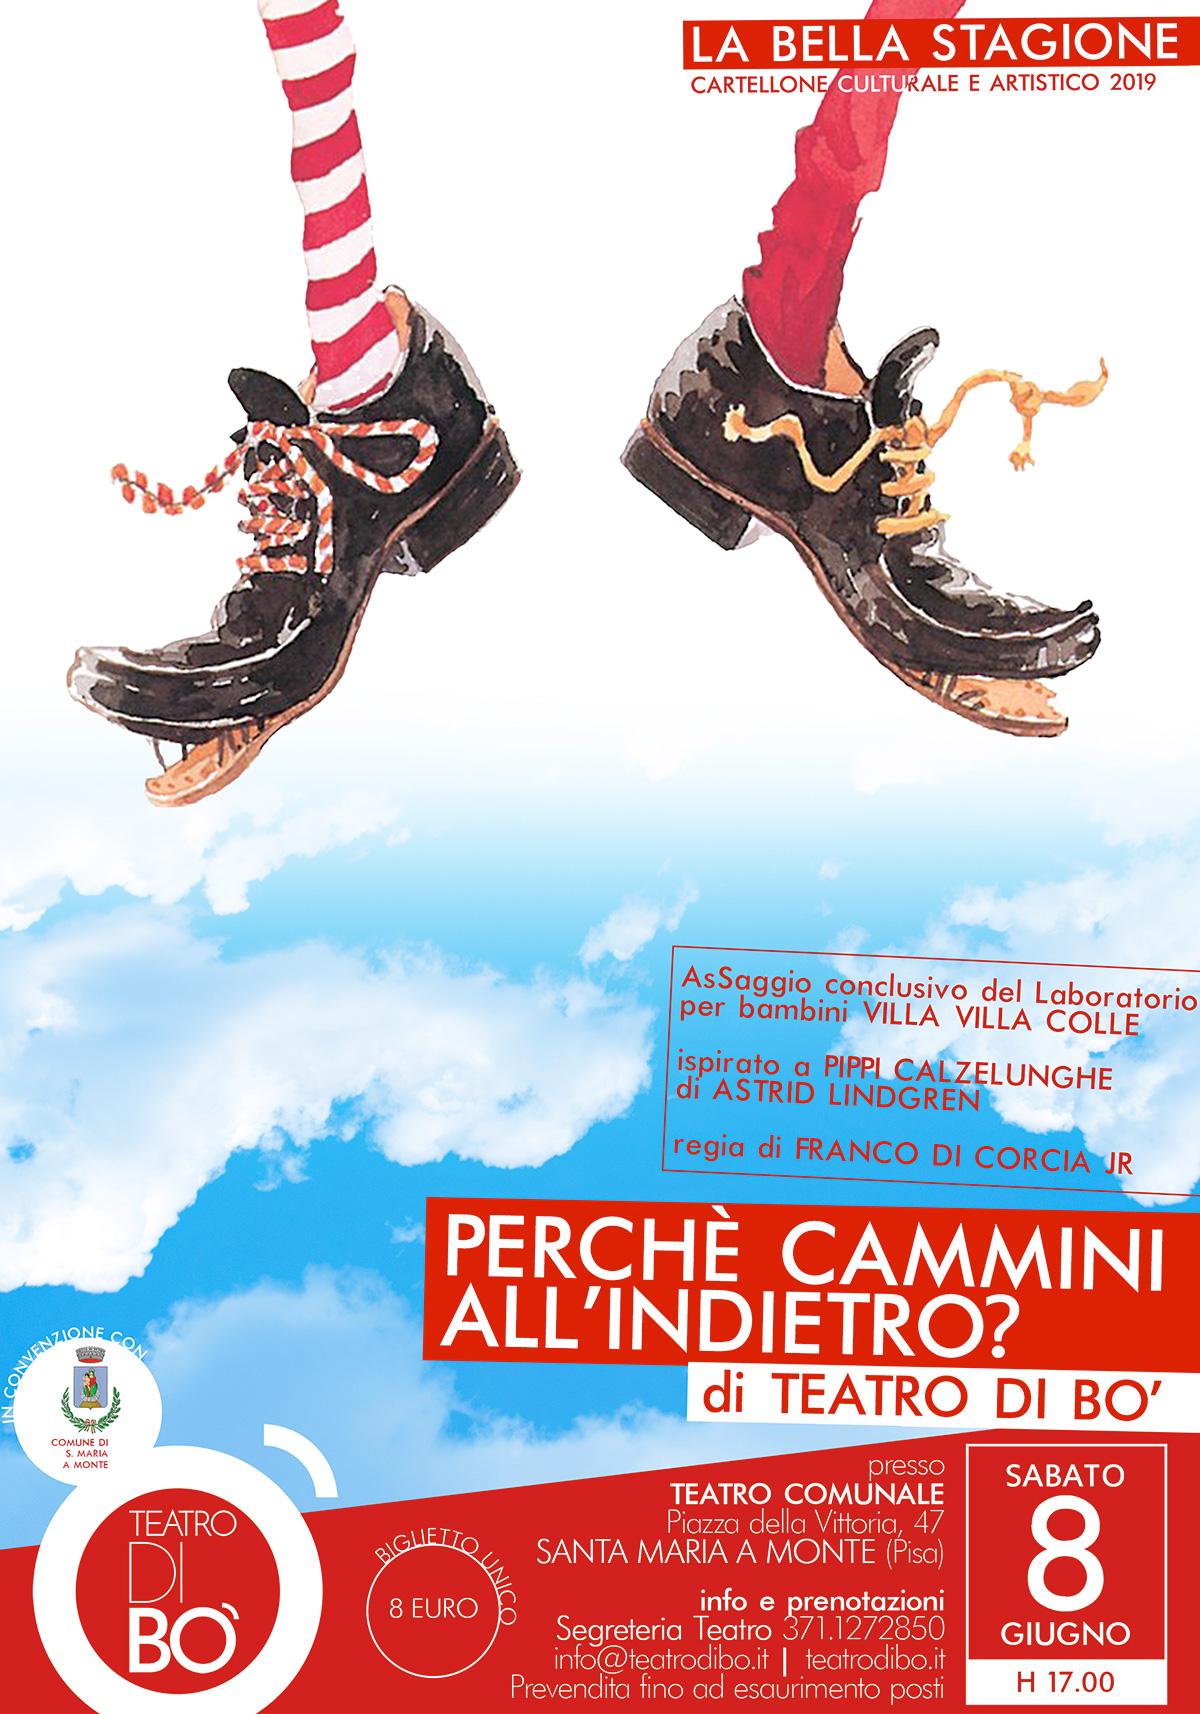 perche cammini all'indietro  2019 locandina teatro di bo